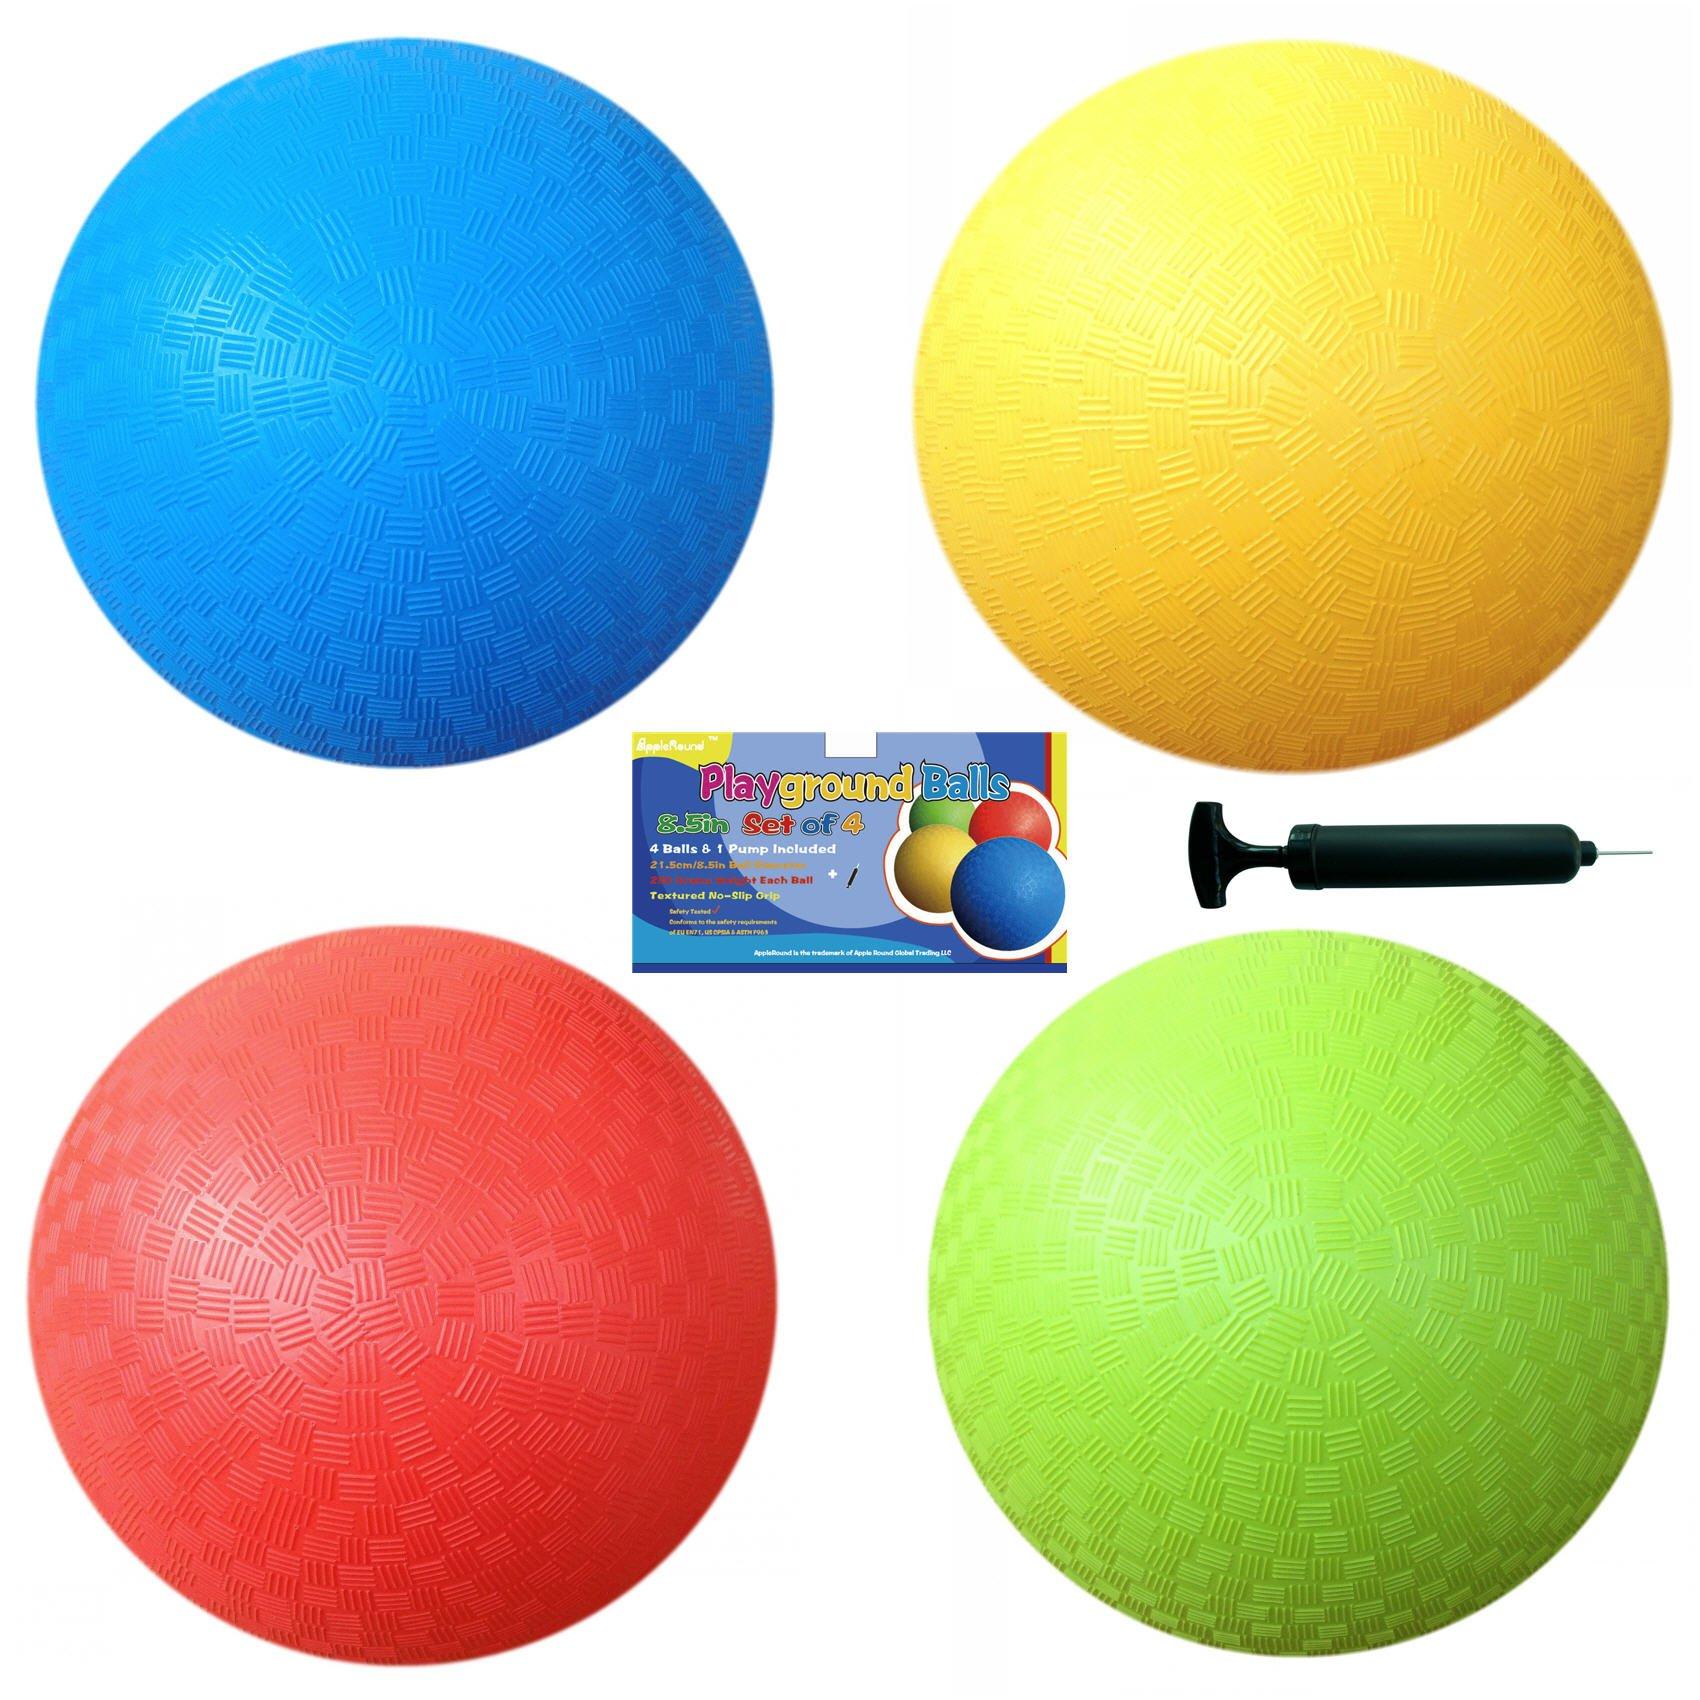 AppleRound 8.5 Inch Playground Balls (Set of 4) 1 Hand Pump